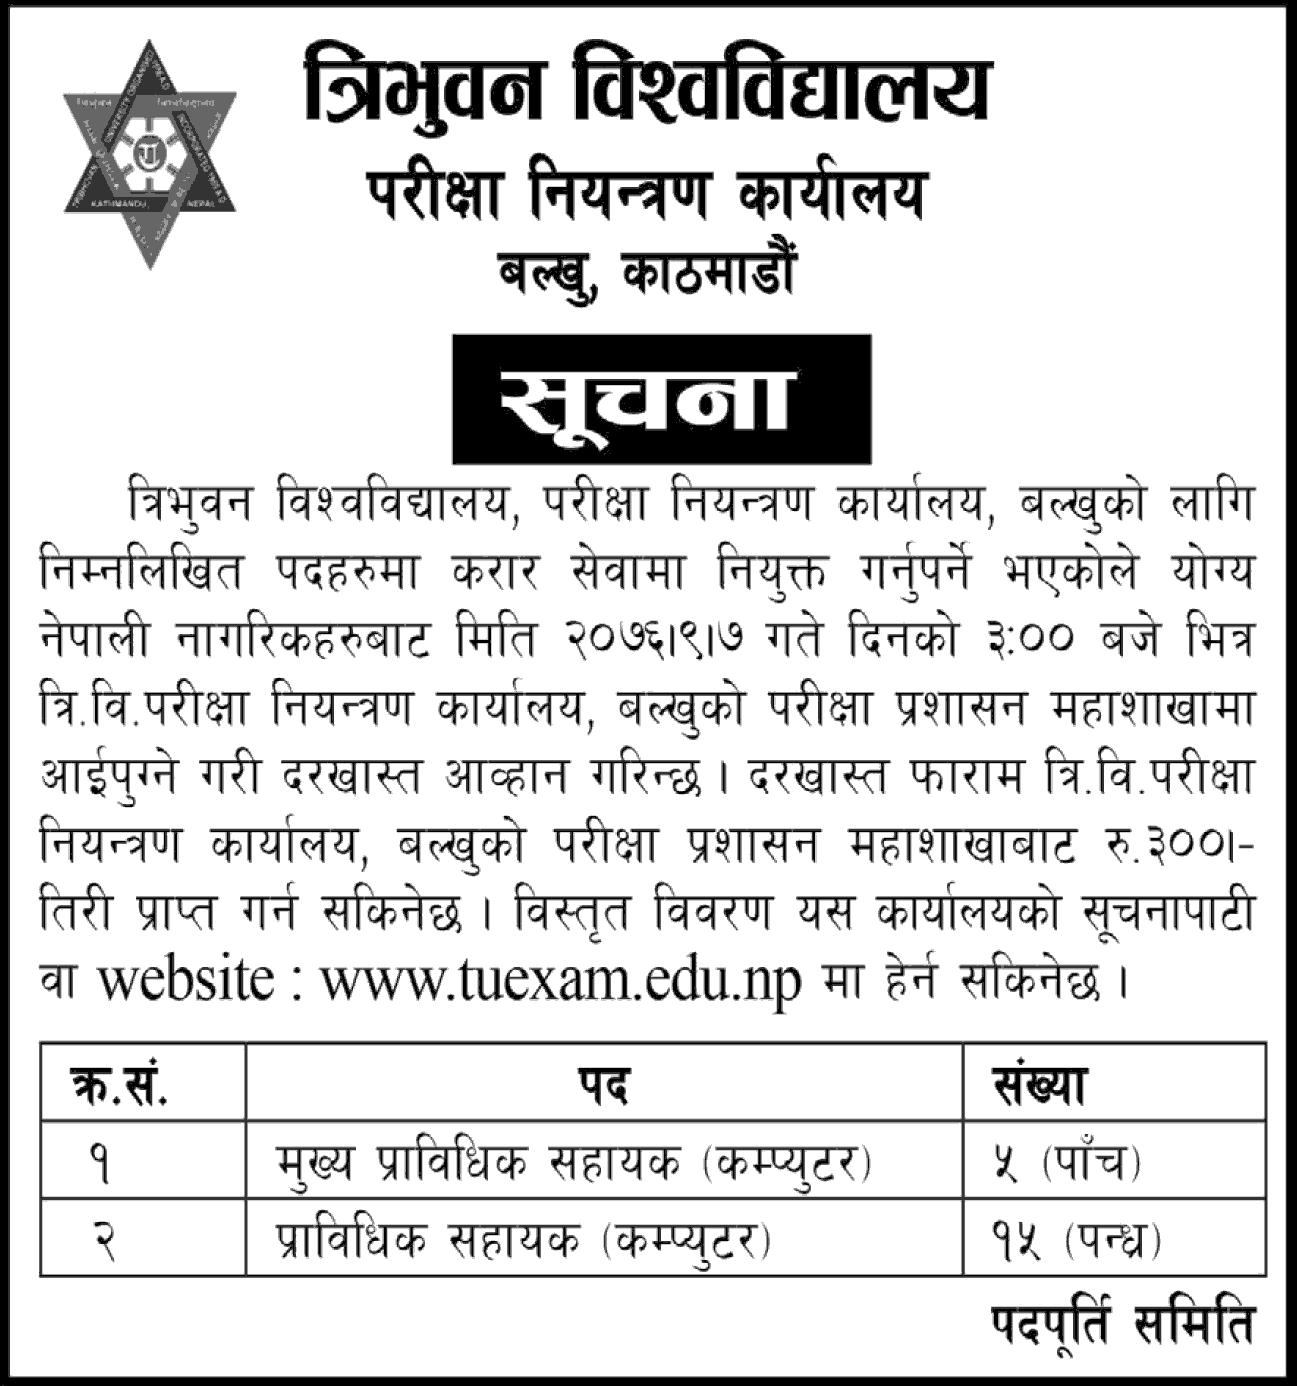 Tribhuvan University Vacancy Notice